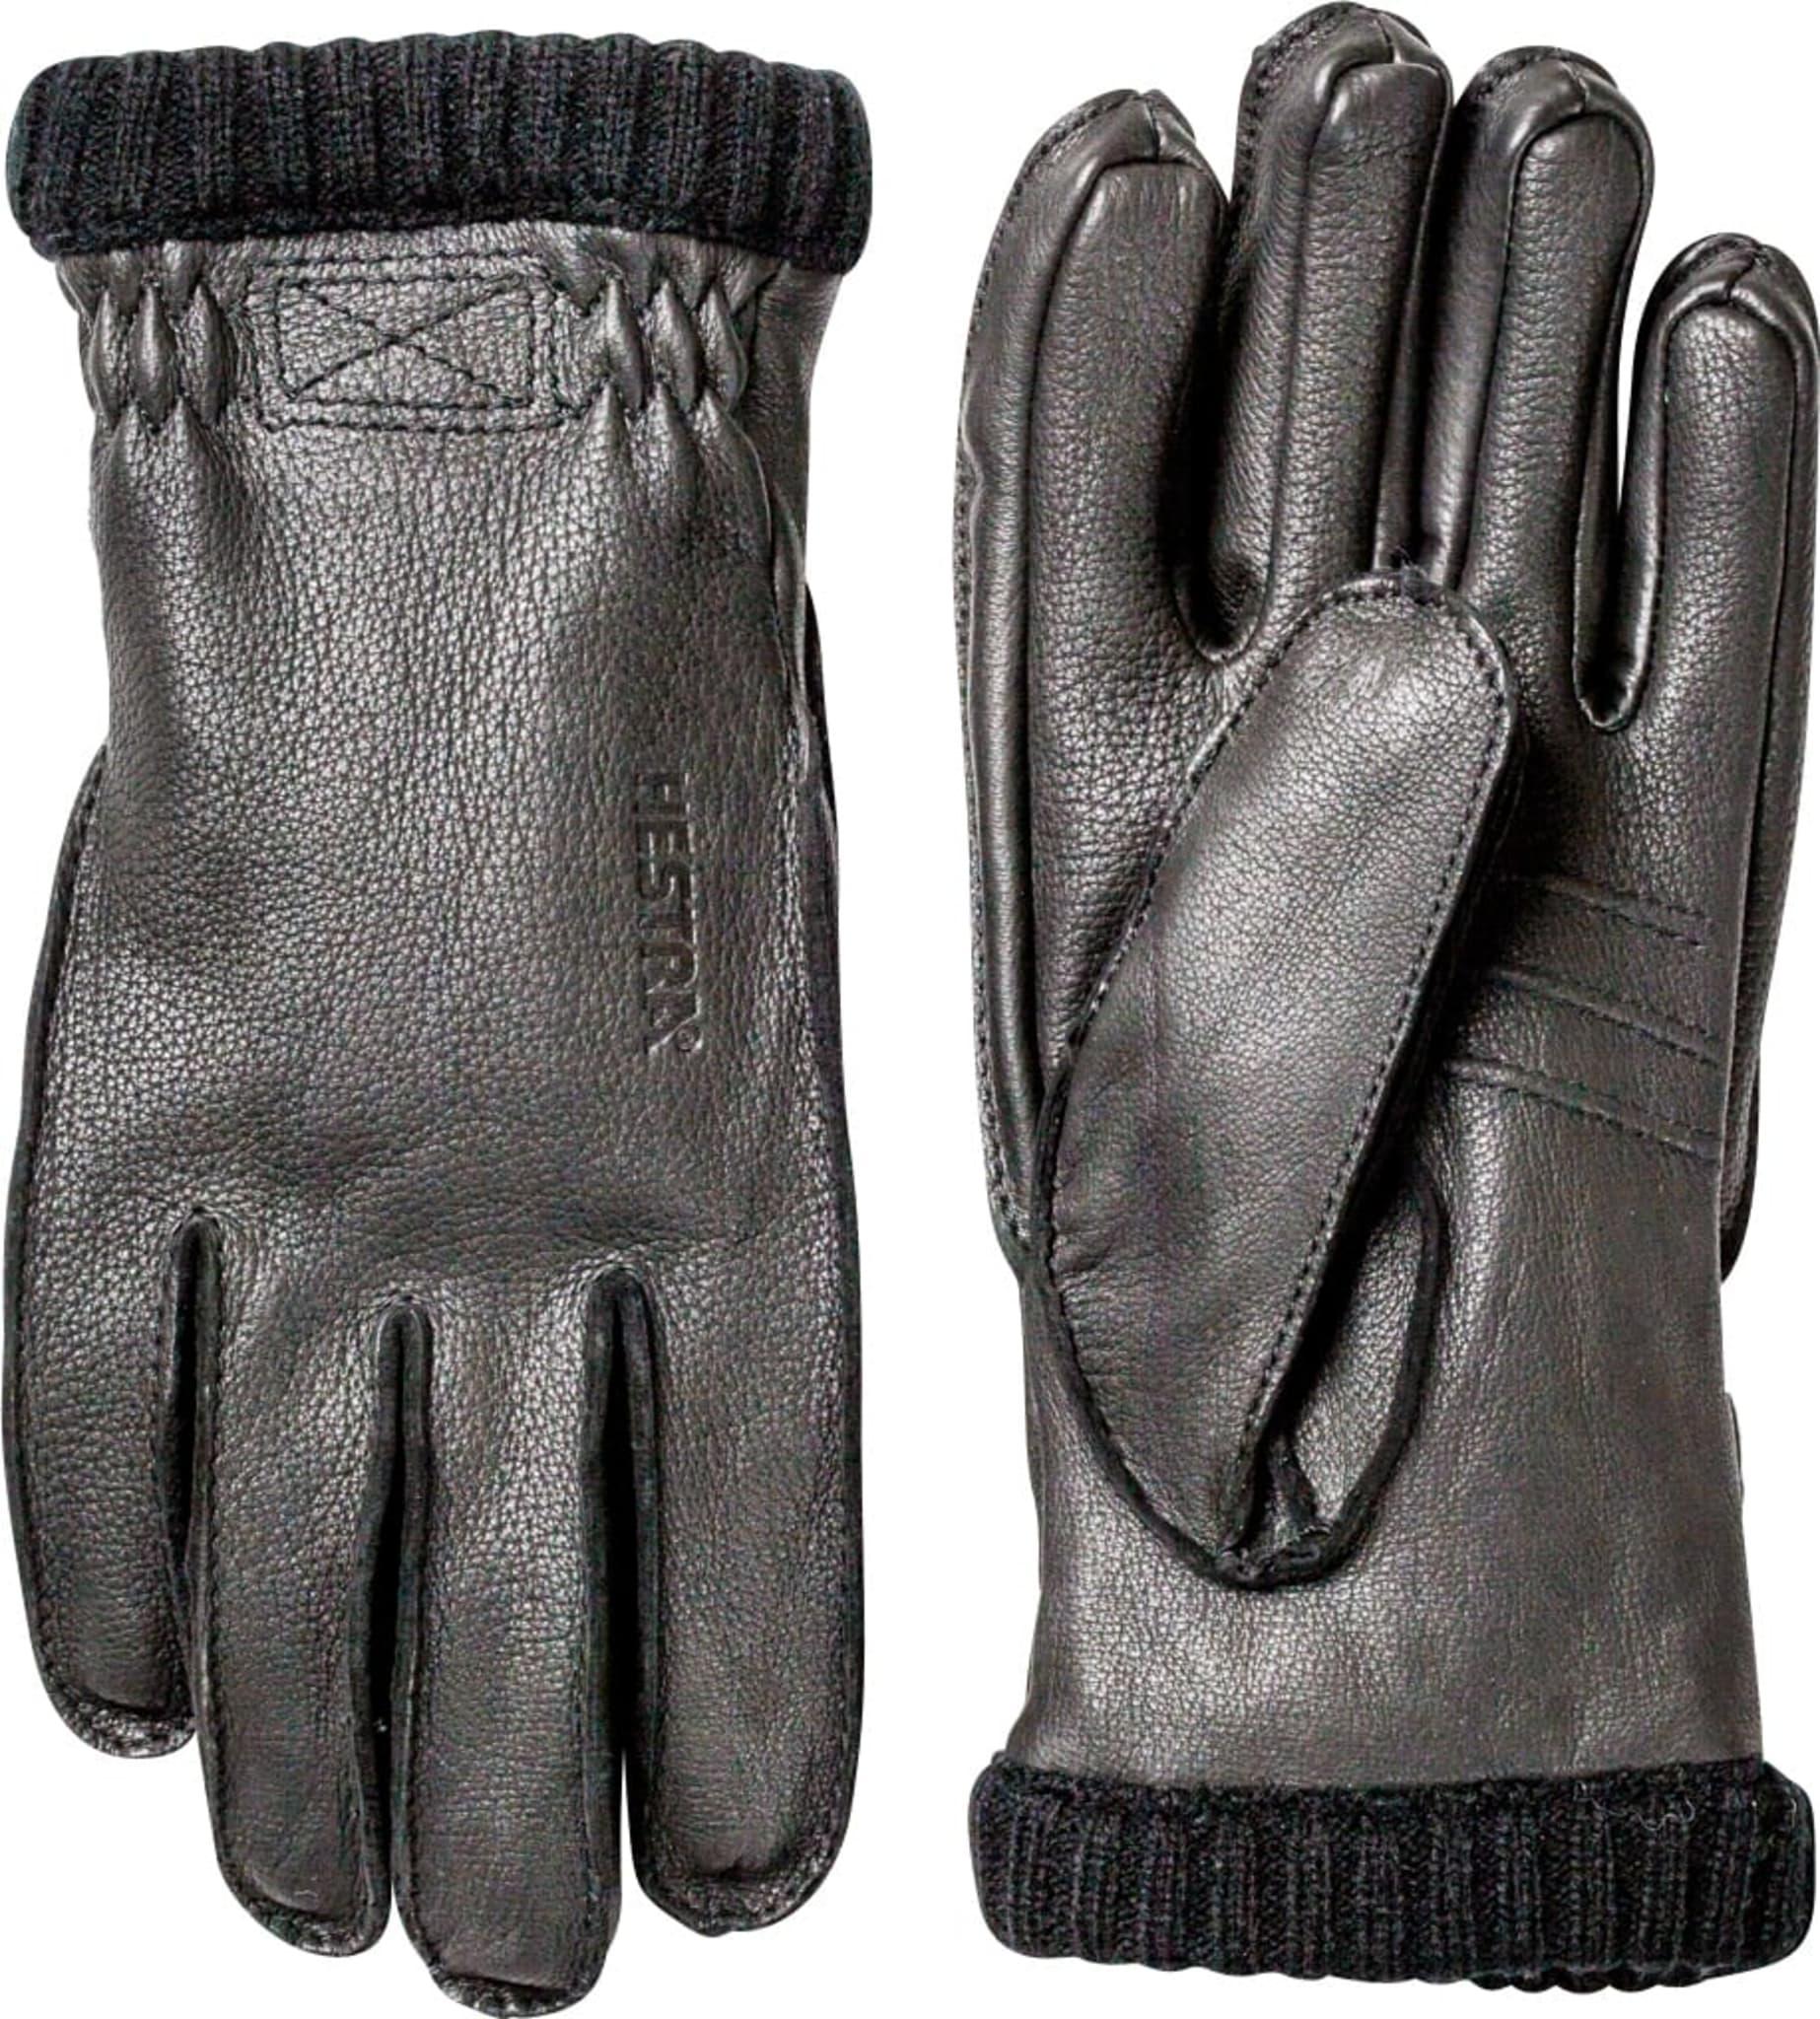 Myke og varme hansker i hjorteskinn